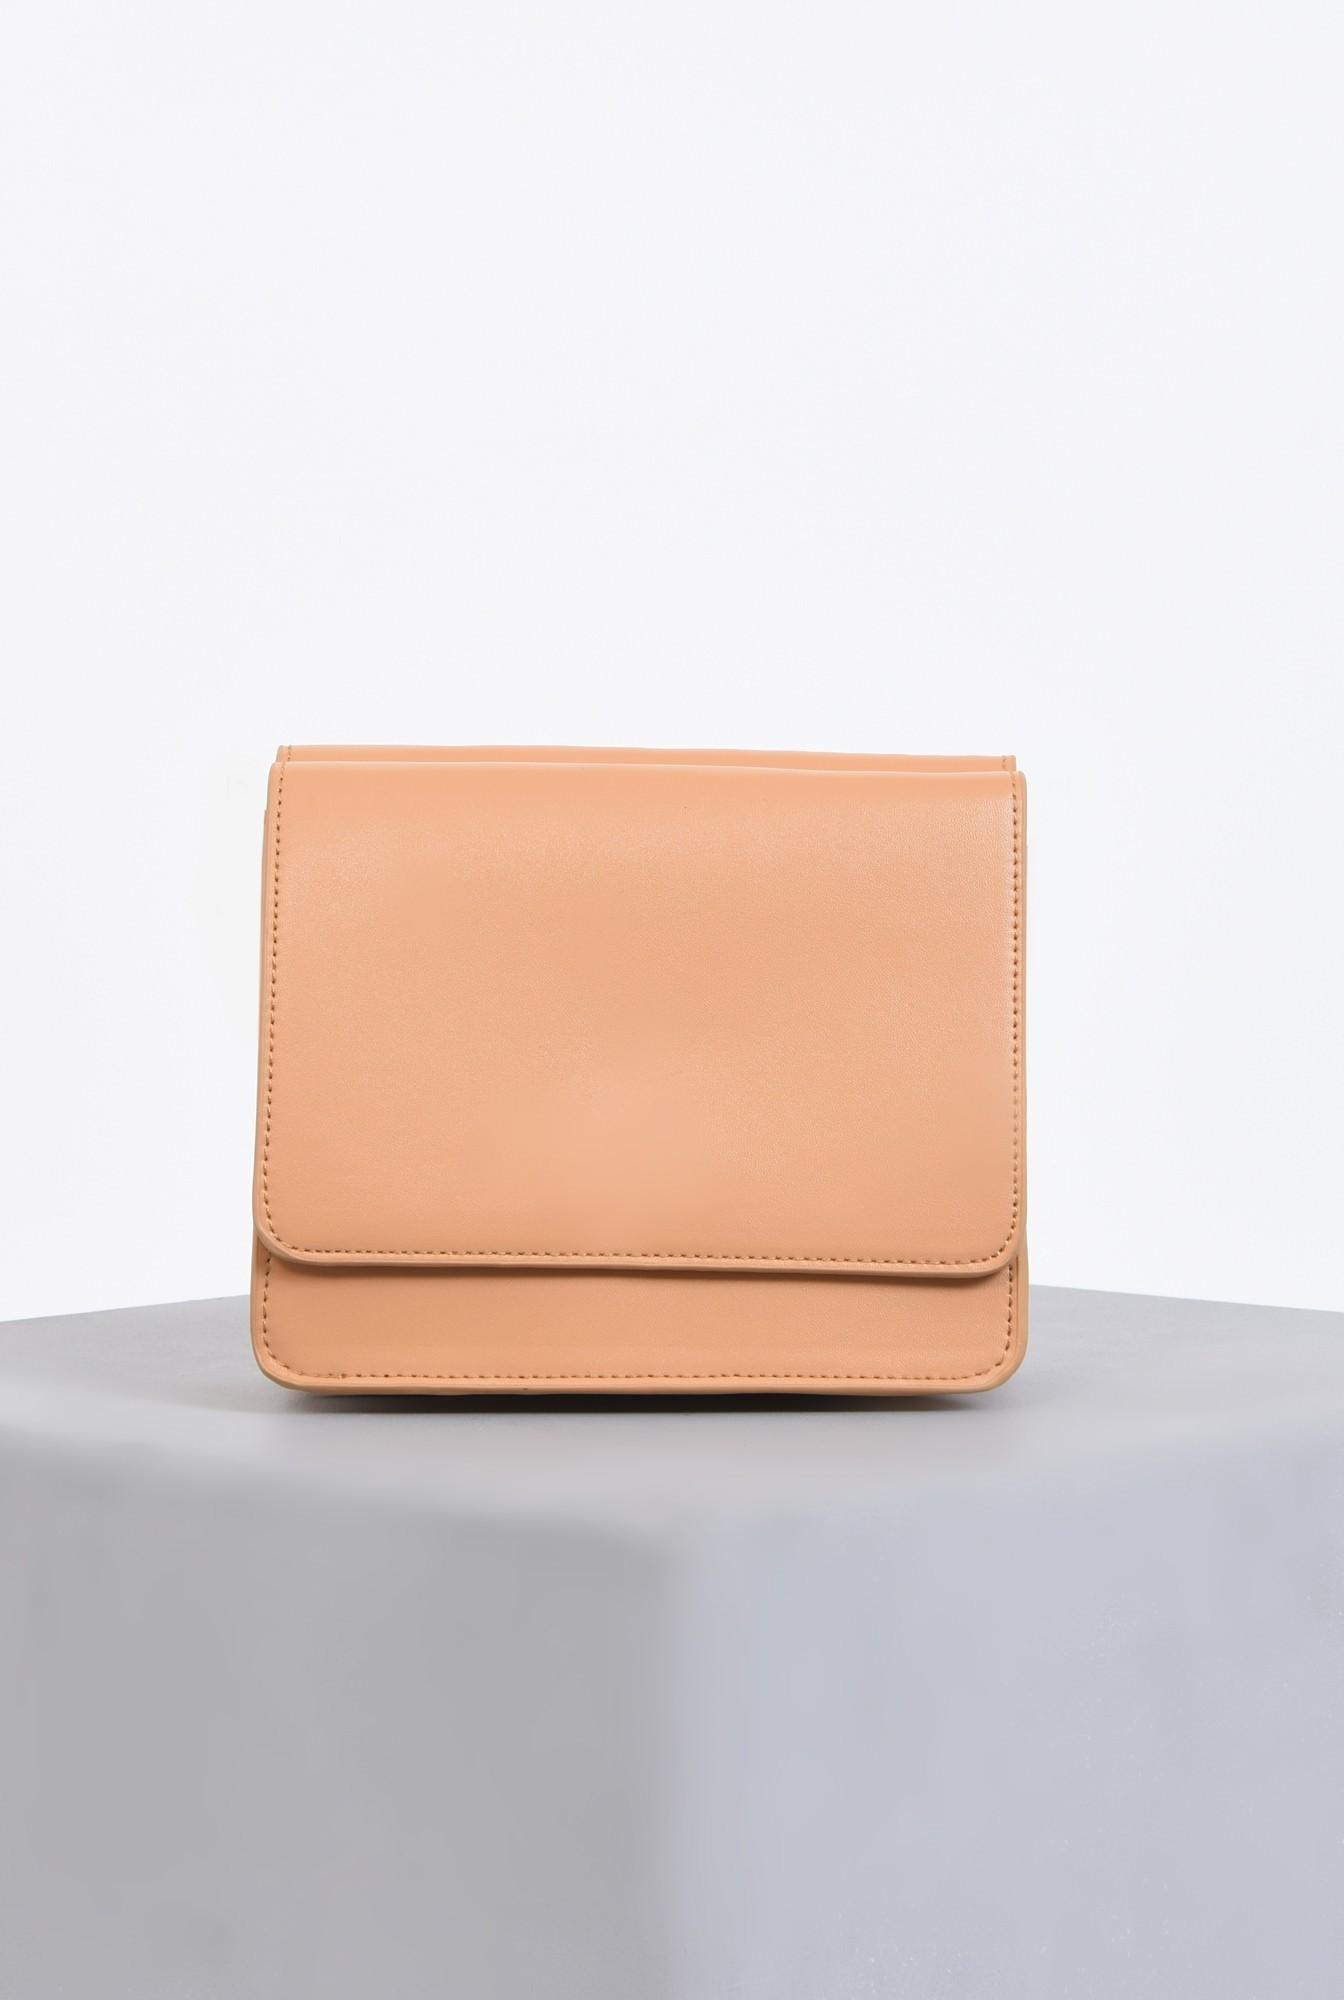 2 - geanta casual, crem, piele ecologica